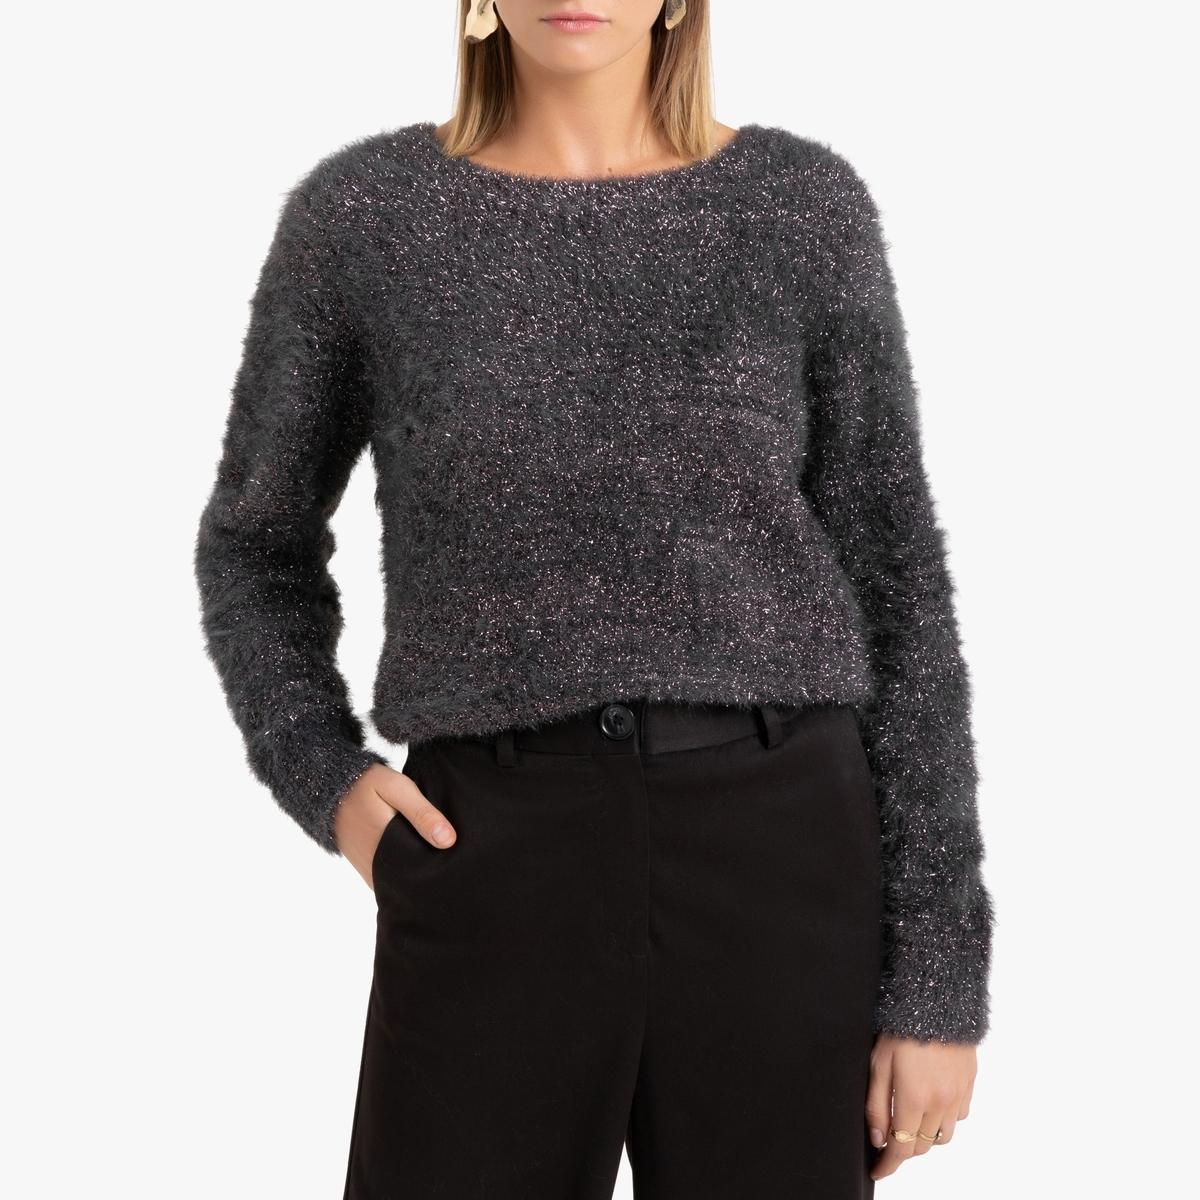 Пуловер La Redoute С круглым вырезом из блестящего трикотажа S серый пуловер la redoute с круглым вырезом из шерсти мериноса pascal 3xl черный